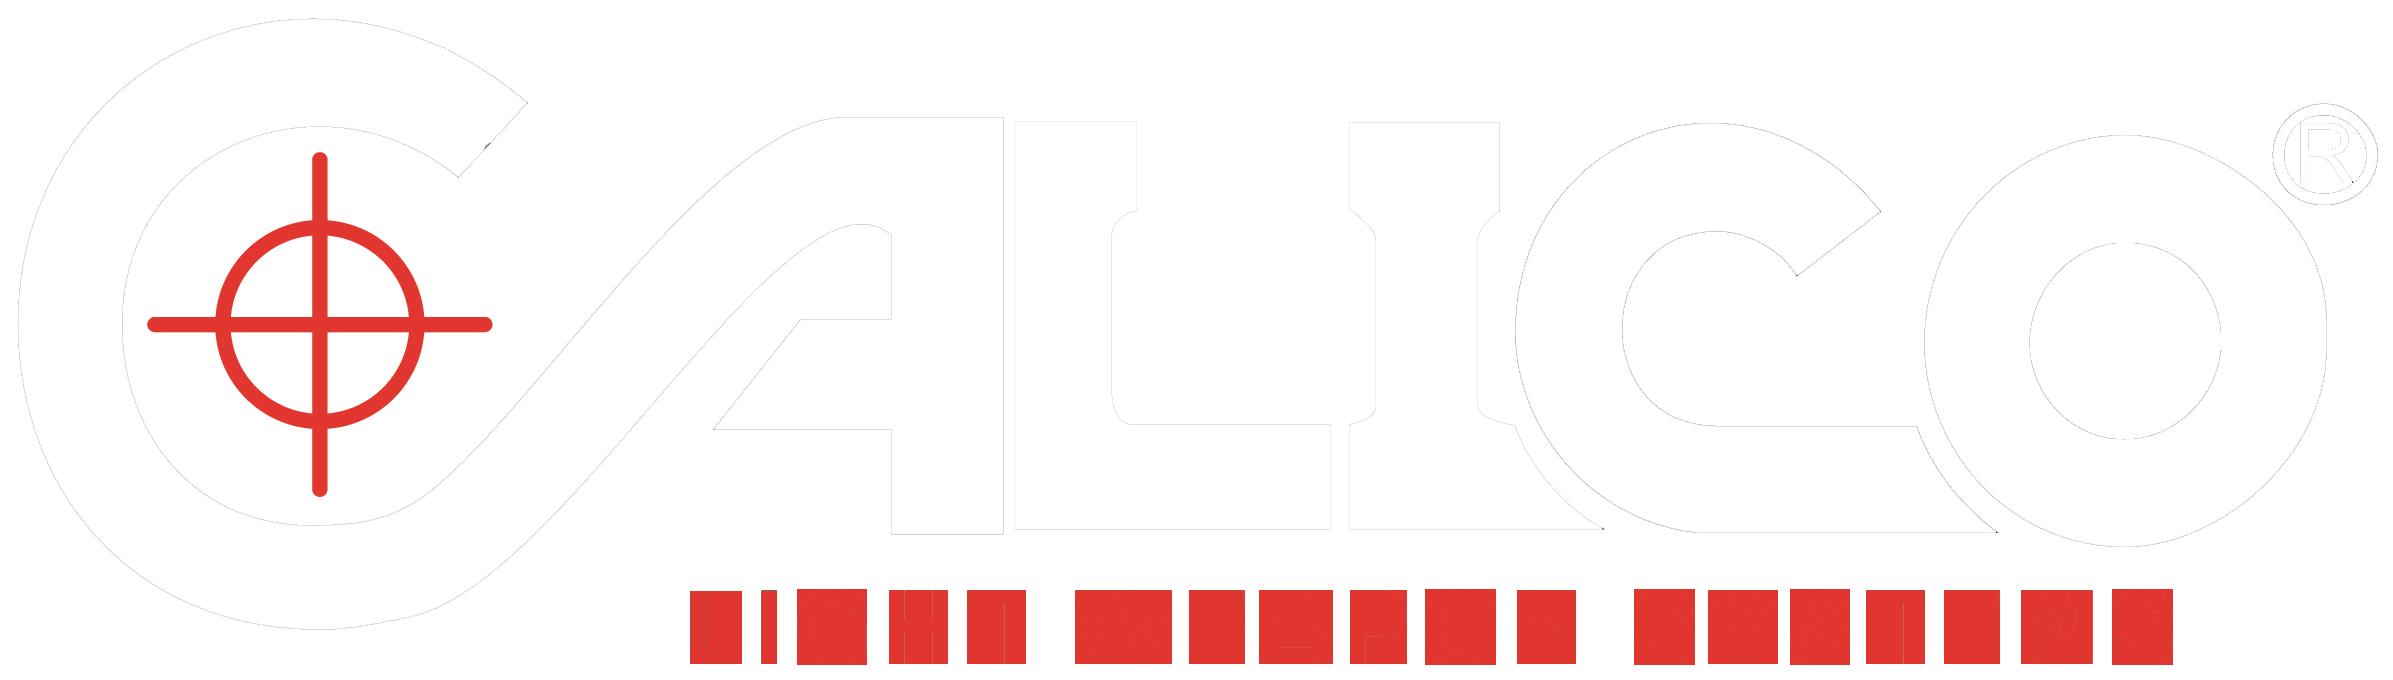 Calico Firearms